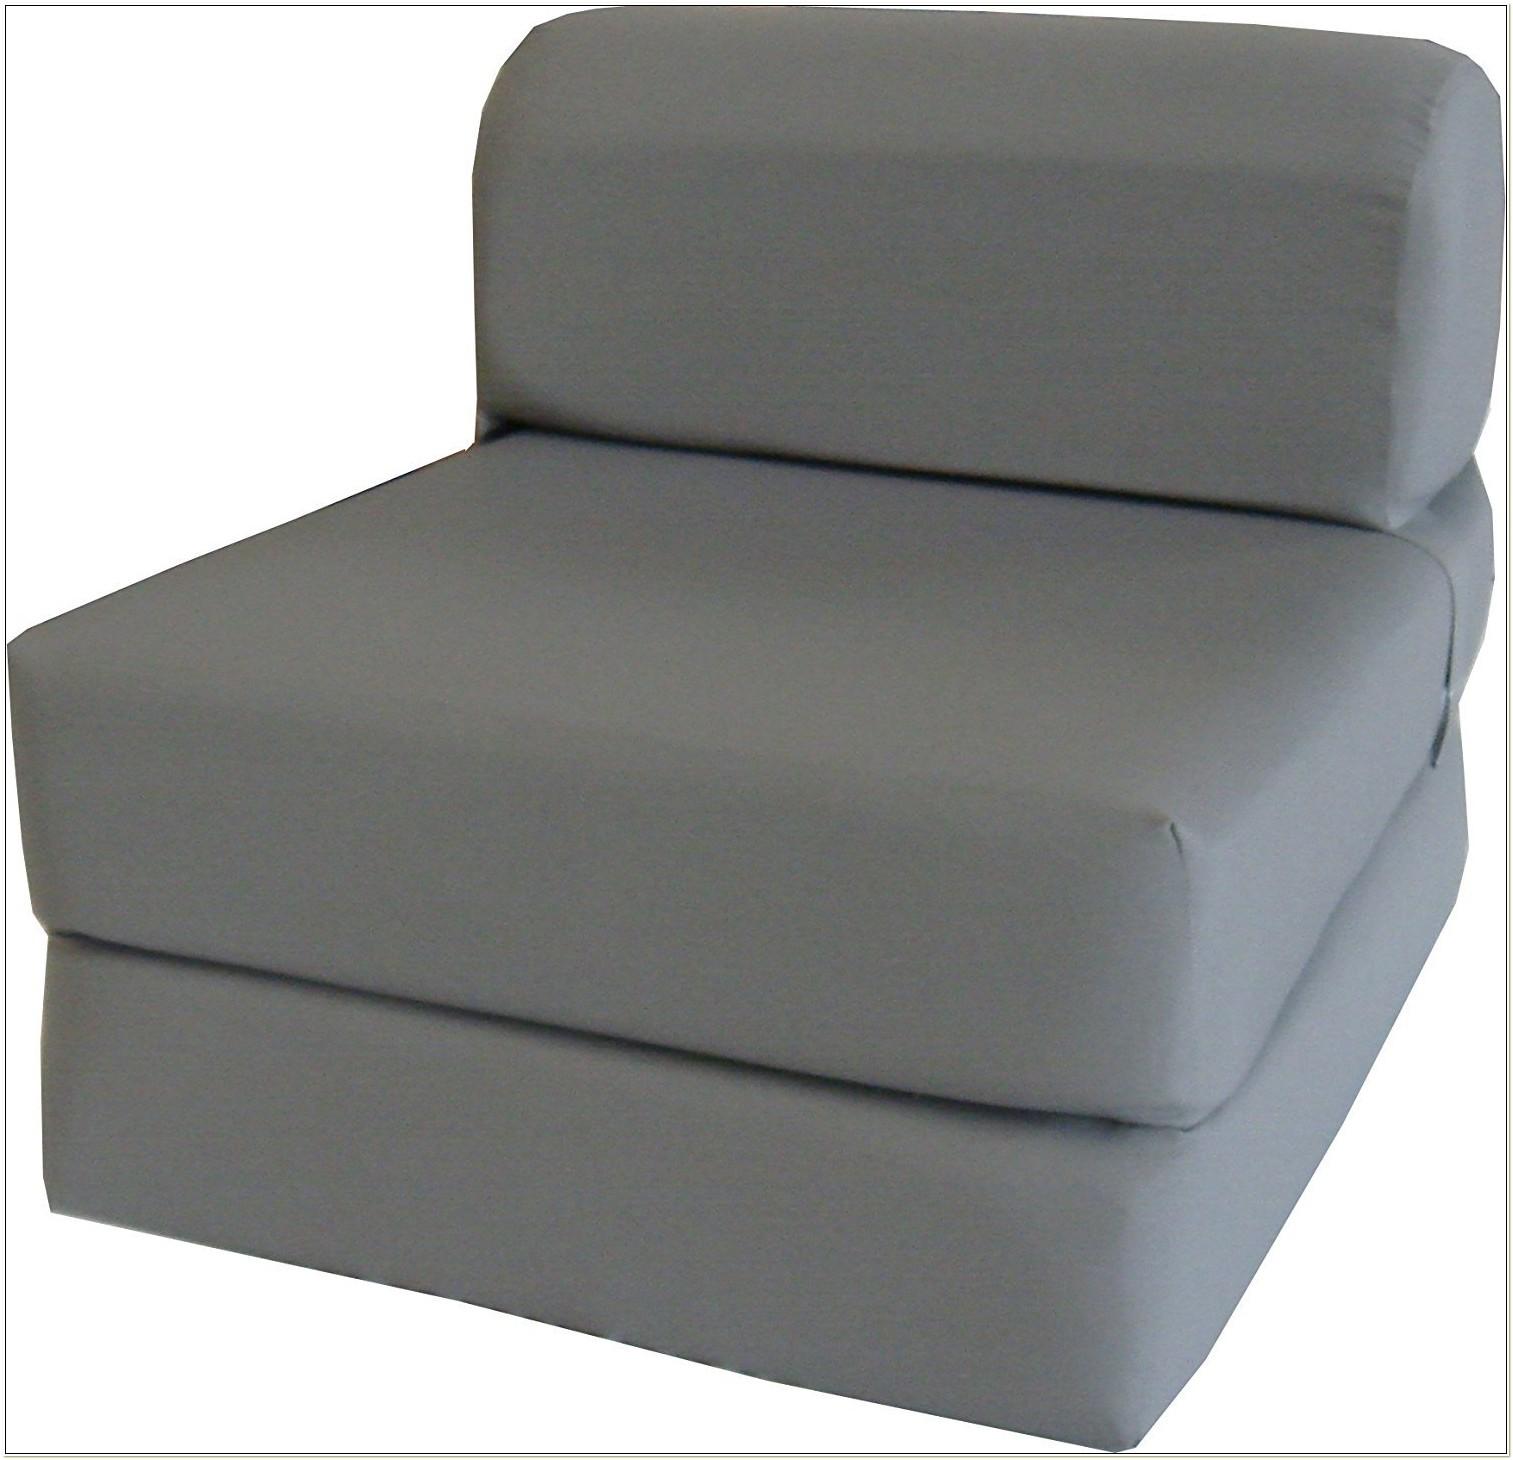 Folding Foam Chair Bed Walmart